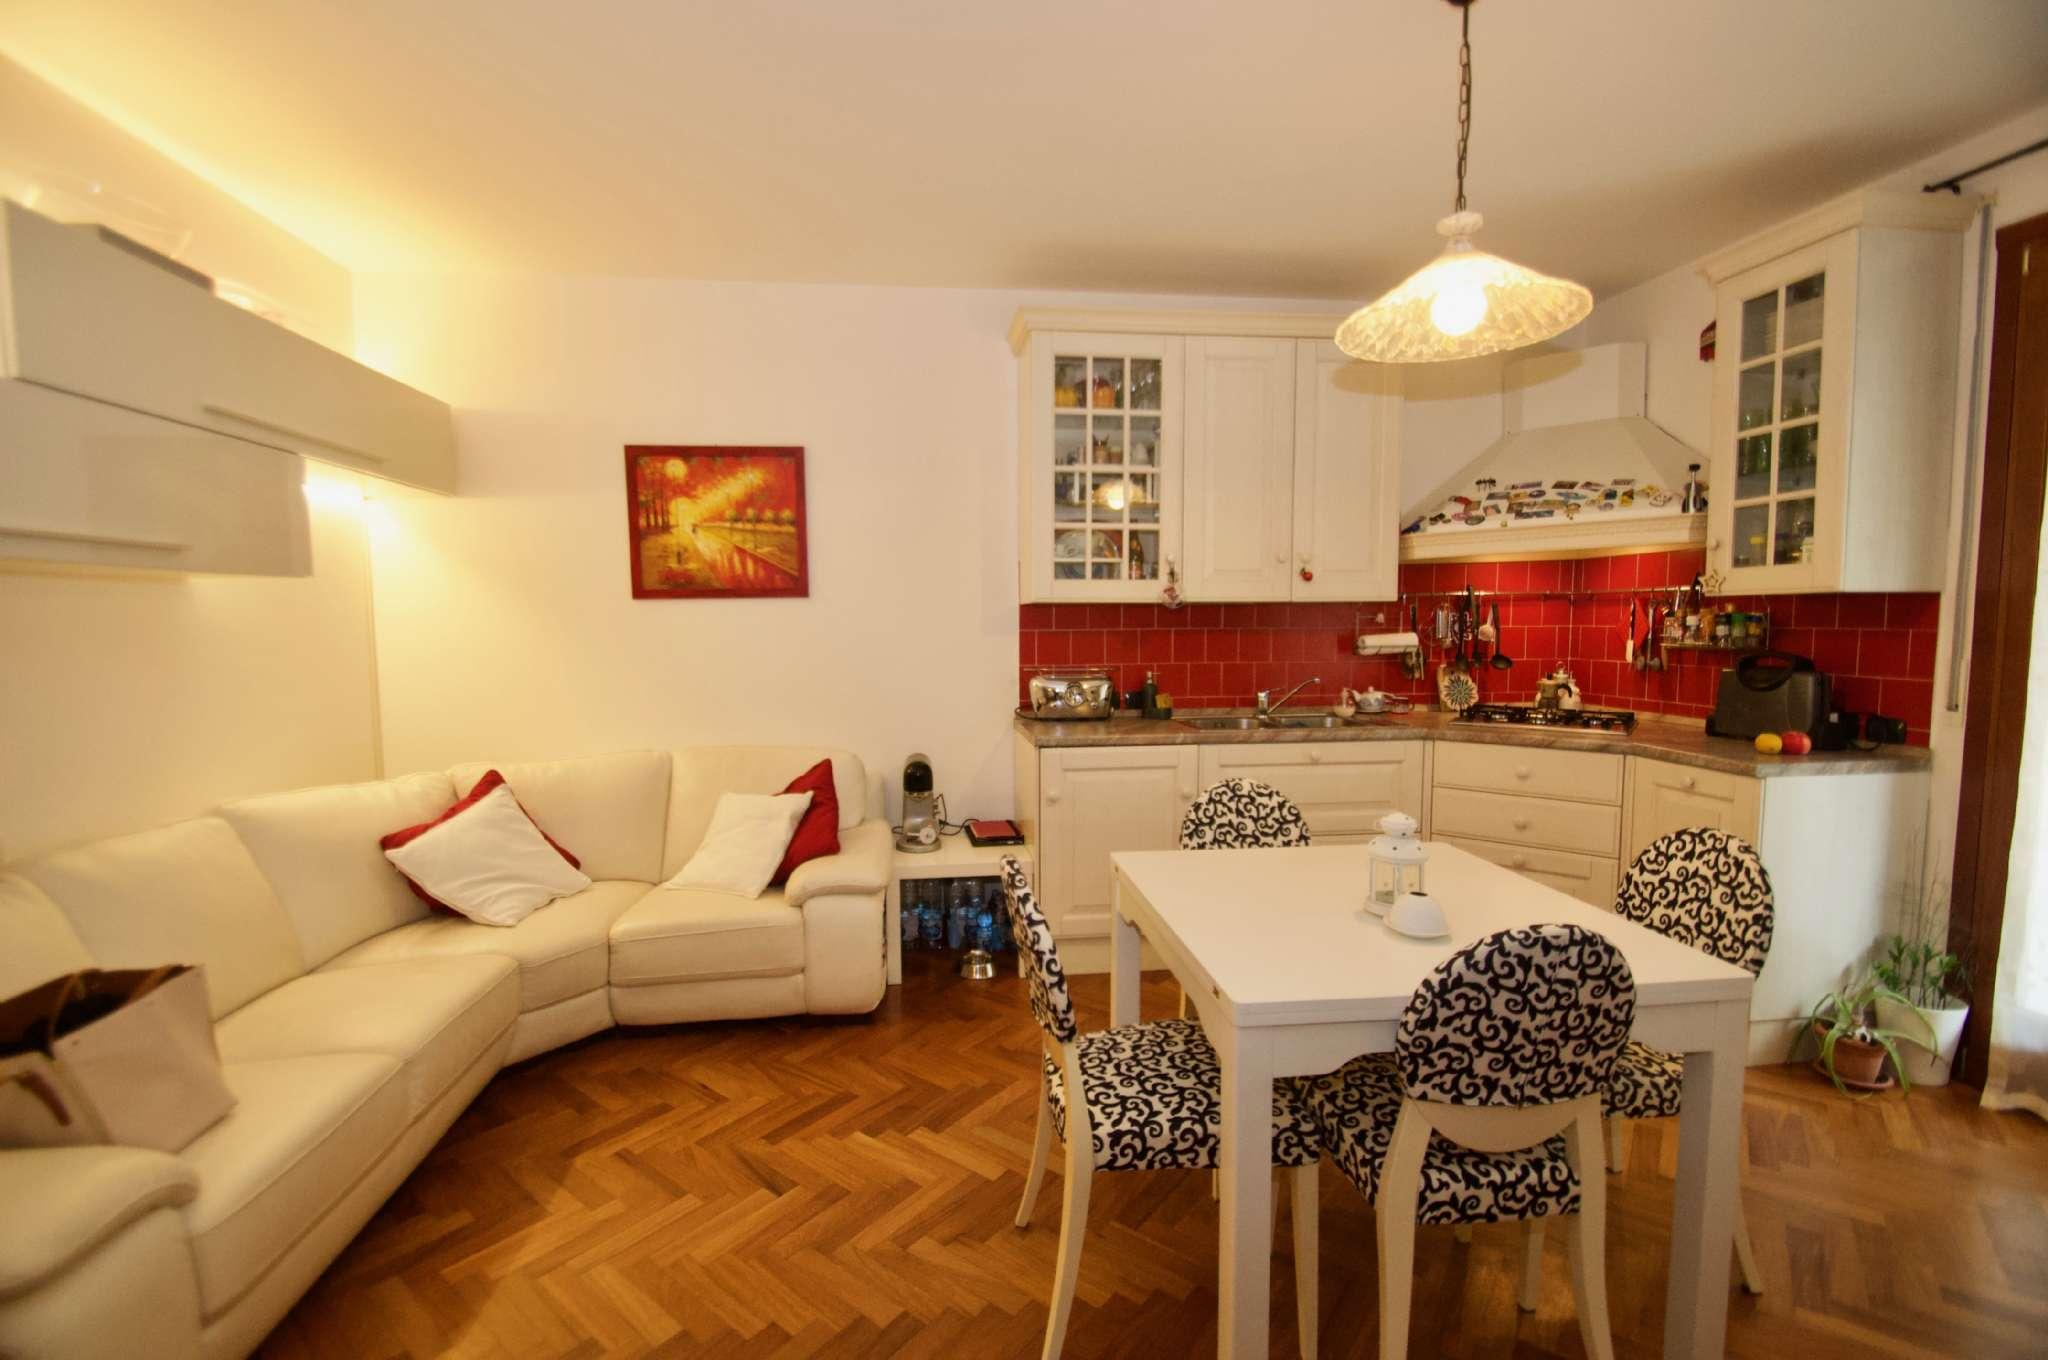 Appartamento in vendita a Terrassa Padovana, 2 locali, prezzo € 69.000 | CambioCasa.it